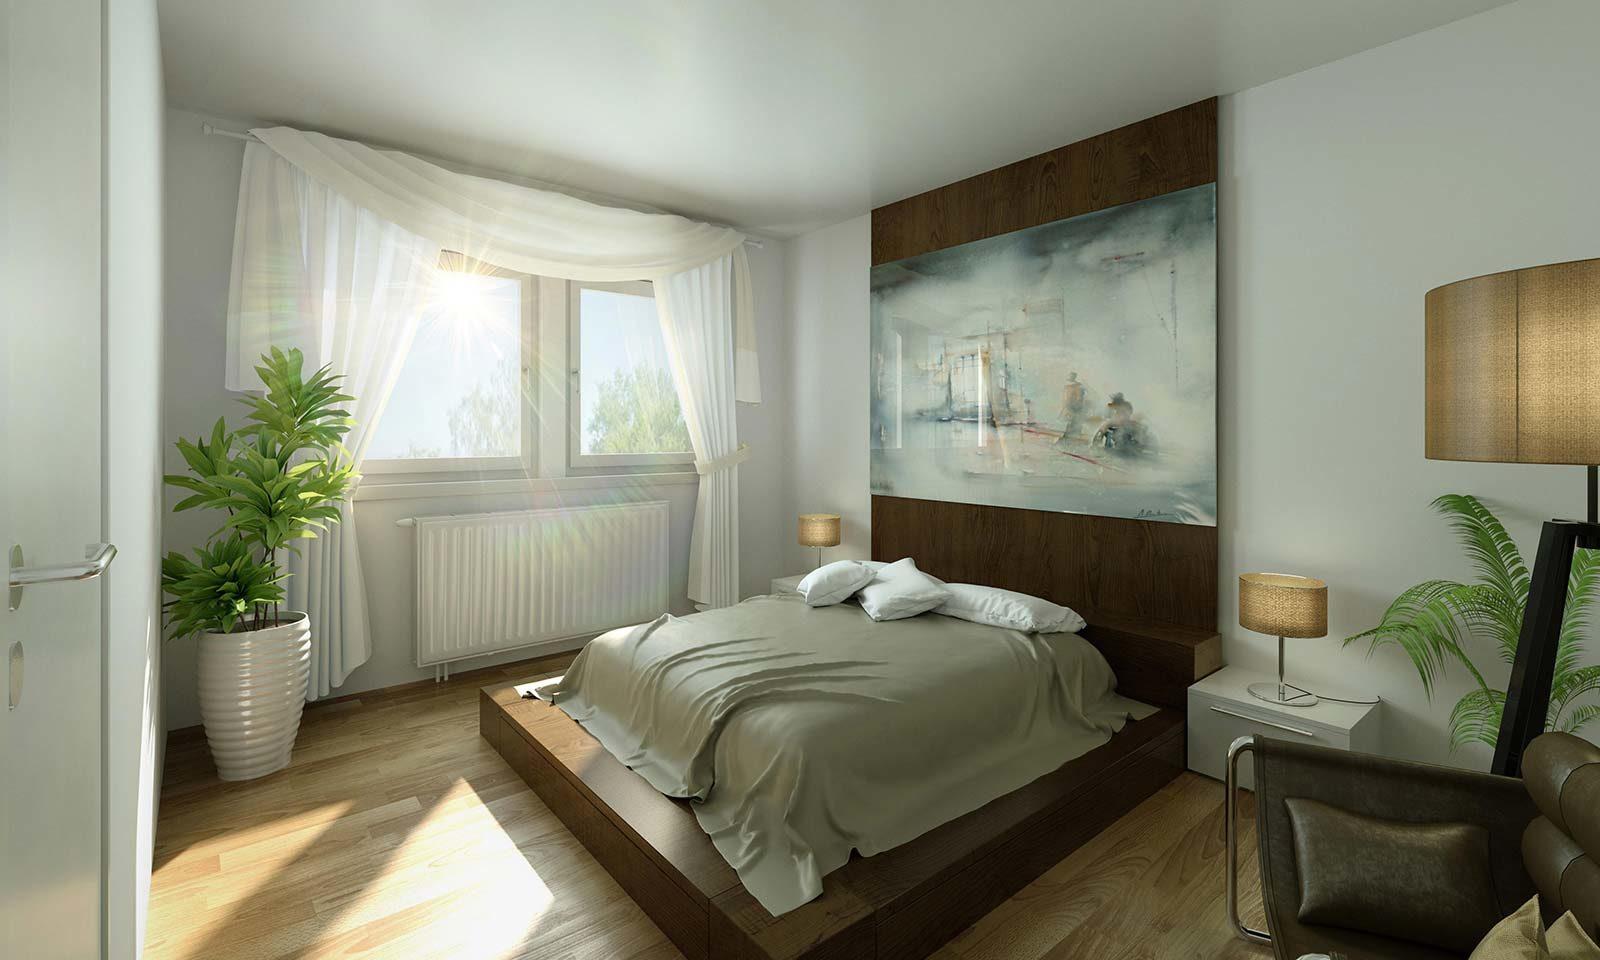 MWG Schlafzimmer - Architekturvisualisierung Innenraum